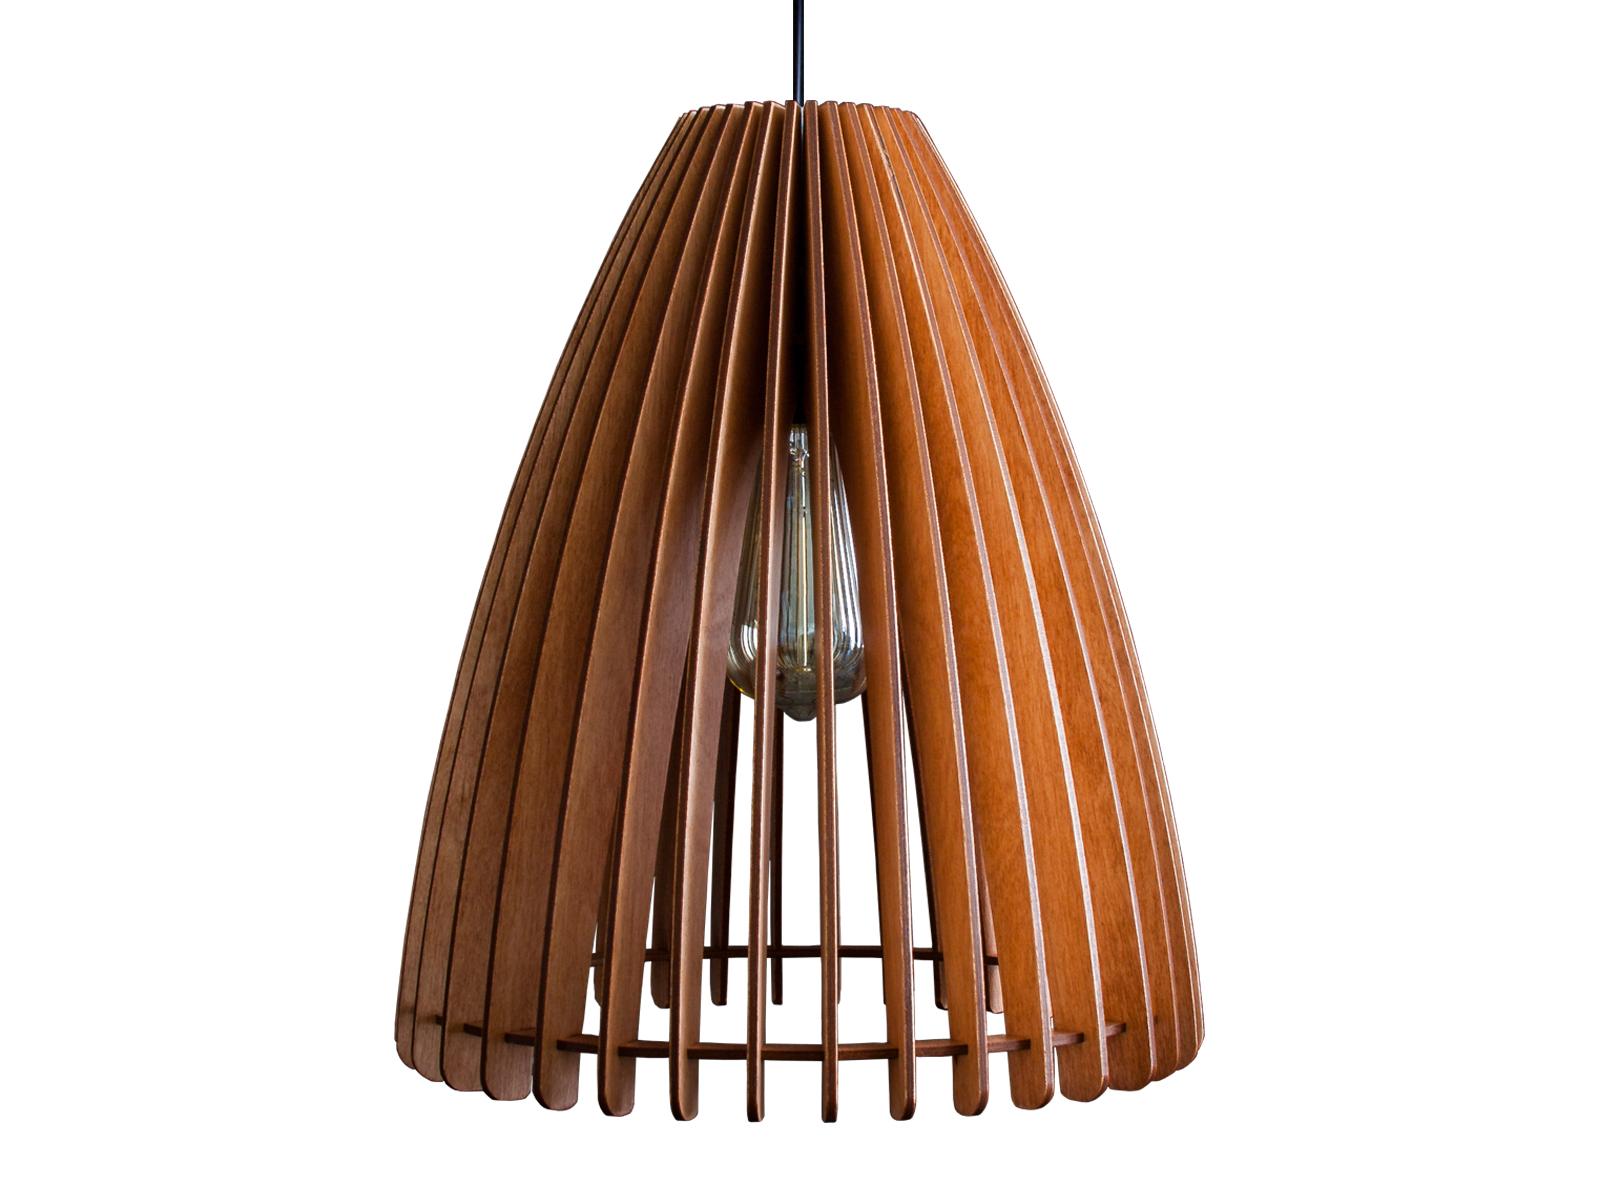 Светильник ЛилиПодвесные светильники<br>Лампа изготовлена из натуральной березовой фанеры и обработана мебельным воском по английской технологии. Воск переливается, блестит, подчеркивает текстуру дерева и очень устойчив к царапинам. Прекрасно подходит как для классических интерьеров, так и для техно и лофт стилей.&amp;amp;nbsp;&amp;lt;div&amp;gt;Мы рекомендуем использовать светодиодные (LED) лампы, но Вы также можете использовать и классические лампы накаливания и ретро-лампочки Эдисона.&amp;amp;nbsp;&amp;lt;div&amp;gt;&amp;lt;br&amp;gt;&amp;lt;/div&amp;gt;&amp;lt;div&amp;gt;&amp;lt;div style=&amp;quot;font-size: 14px;&amp;quot;&amp;gt;&amp;lt;span style=&amp;quot;font-size: 14px;&amp;quot;&amp;gt;Тип цоколя: E27&amp;lt;/span&amp;gt;&amp;lt;br&amp;gt;&amp;lt;/div&amp;gt;&amp;lt;div style=&amp;quot;font-size: 14px;&amp;quot;&amp;gt;&amp;lt;div&amp;gt;Мощность: 40W&amp;lt;/div&amp;gt;&amp;lt;div&amp;gt;Кол-во ламп: 1 (нет в комплекте)&amp;lt;/div&amp;gt;&amp;lt;/div&amp;gt;&amp;lt;div style=&amp;quot;font-size: 14px;&amp;quot;&amp;gt;&amp;lt;br&amp;gt;&amp;lt;/div&amp;gt;&amp;lt;div style=&amp;quot;font-size: 14px;&amp;quot;&amp;gt;Длина провода 150 см.&amp;lt;br&amp;gt;&amp;lt;/div&amp;gt;&amp;lt;div style=&amp;quot;font-size: 14px;&amp;quot;&amp;gt;&amp;lt;span style=&amp;quot;font-size: 14px;&amp;quot;&amp;gt;Не рекомендуется использование лампы мощнее 60 Вт.&amp;lt;/span&amp;gt;&amp;lt;/div&amp;gt;&amp;lt;/div&amp;gt;&amp;lt;/div&amp;gt;<br><br>Material: Дерево<br>Высота см: 34